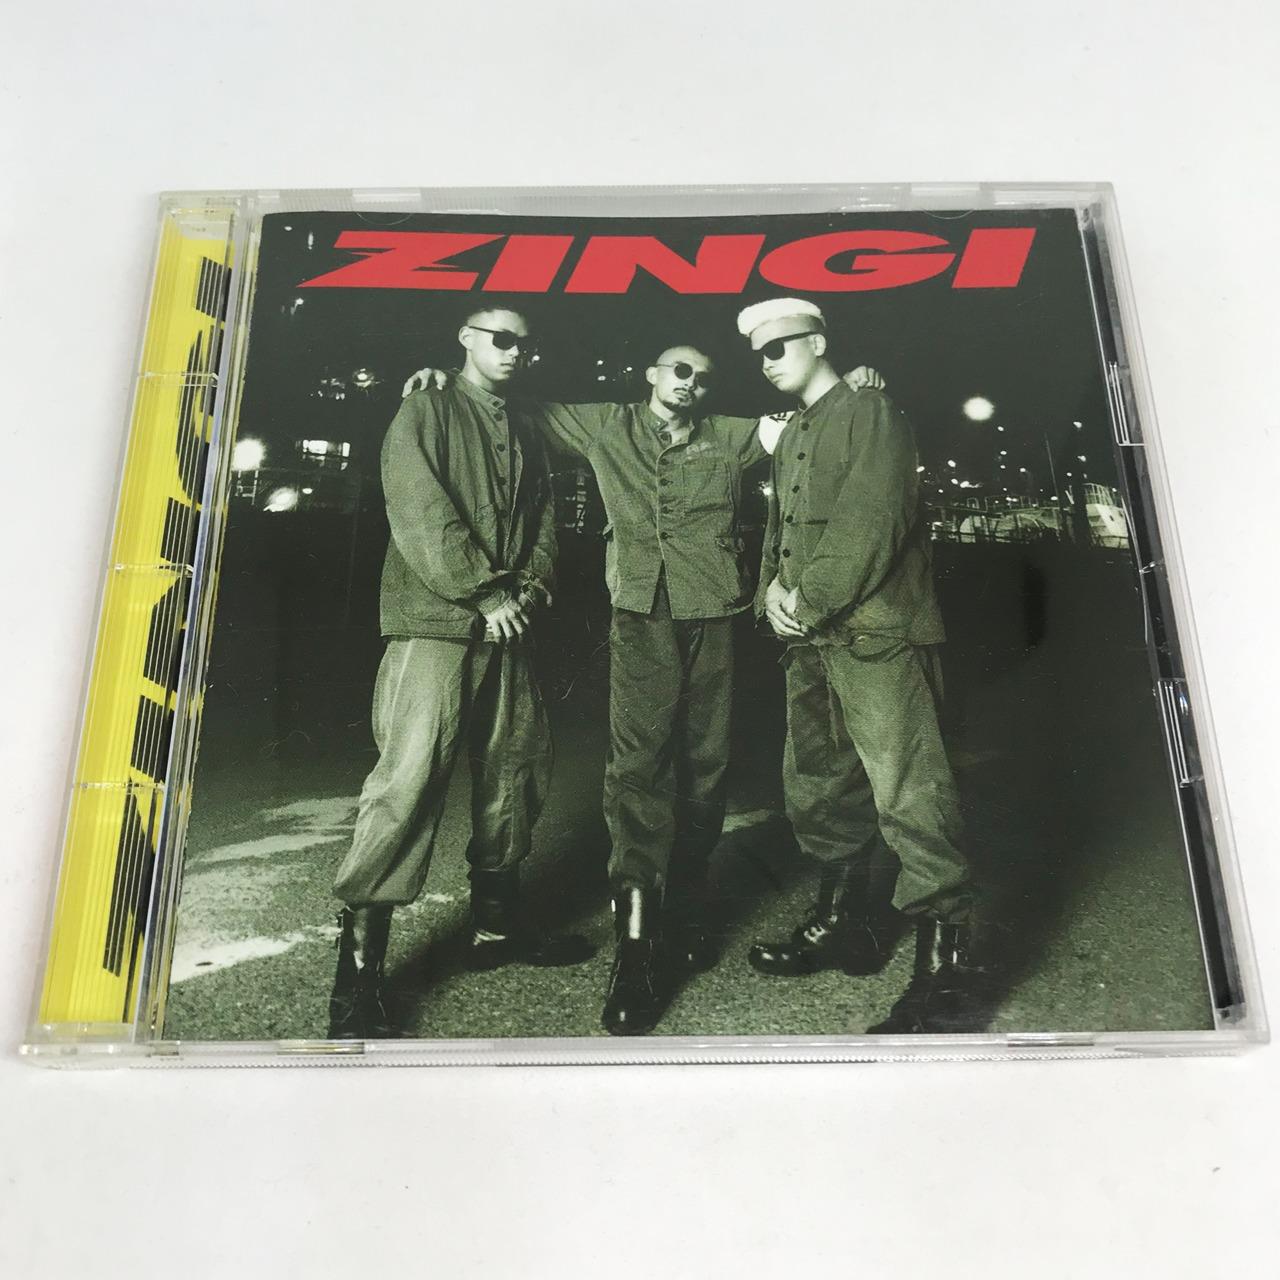 ZINGI / ZINGI